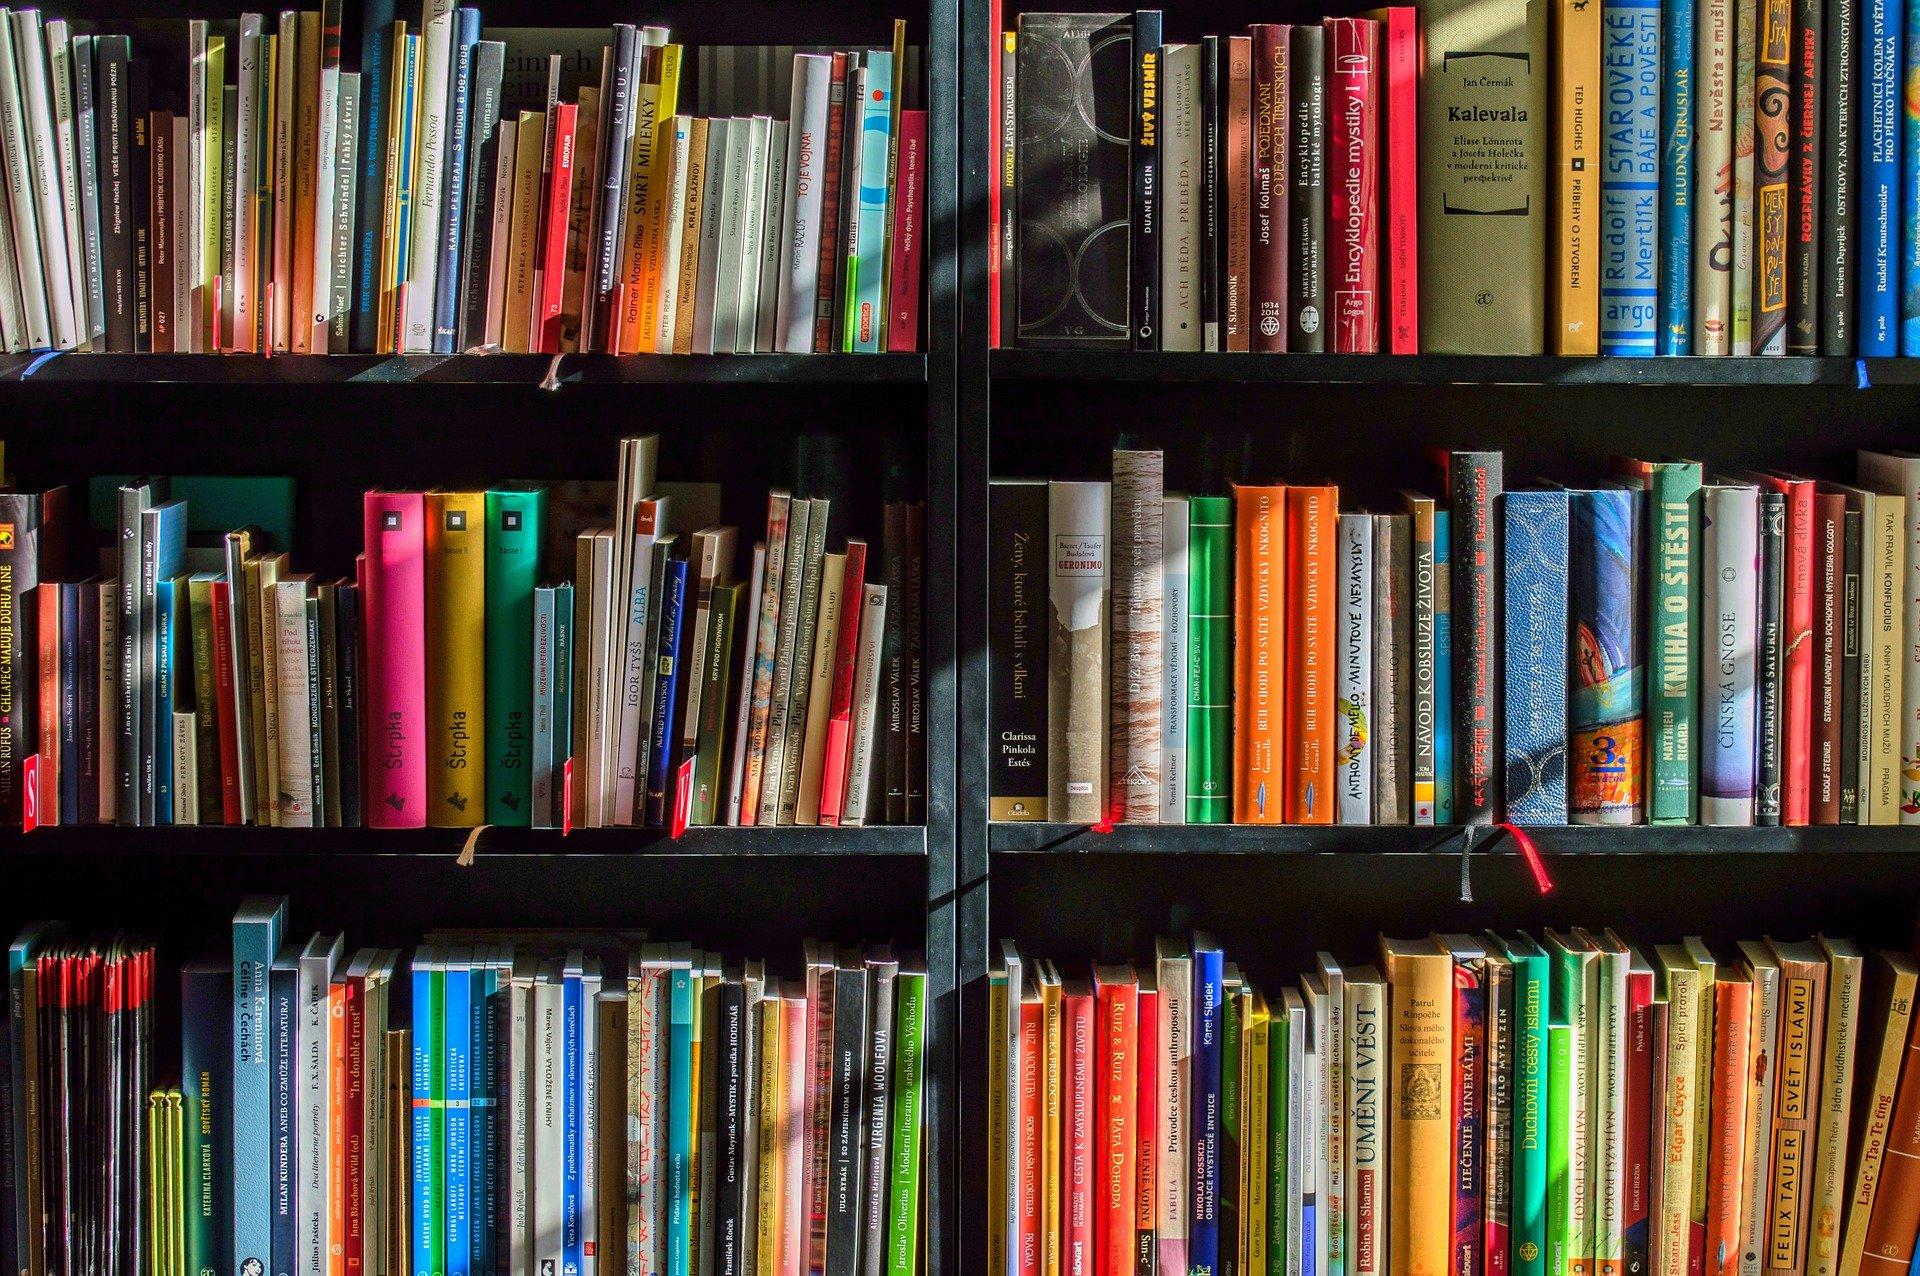 Вальтер Скотт: литературную выставку открыли в центре «Москворечье»